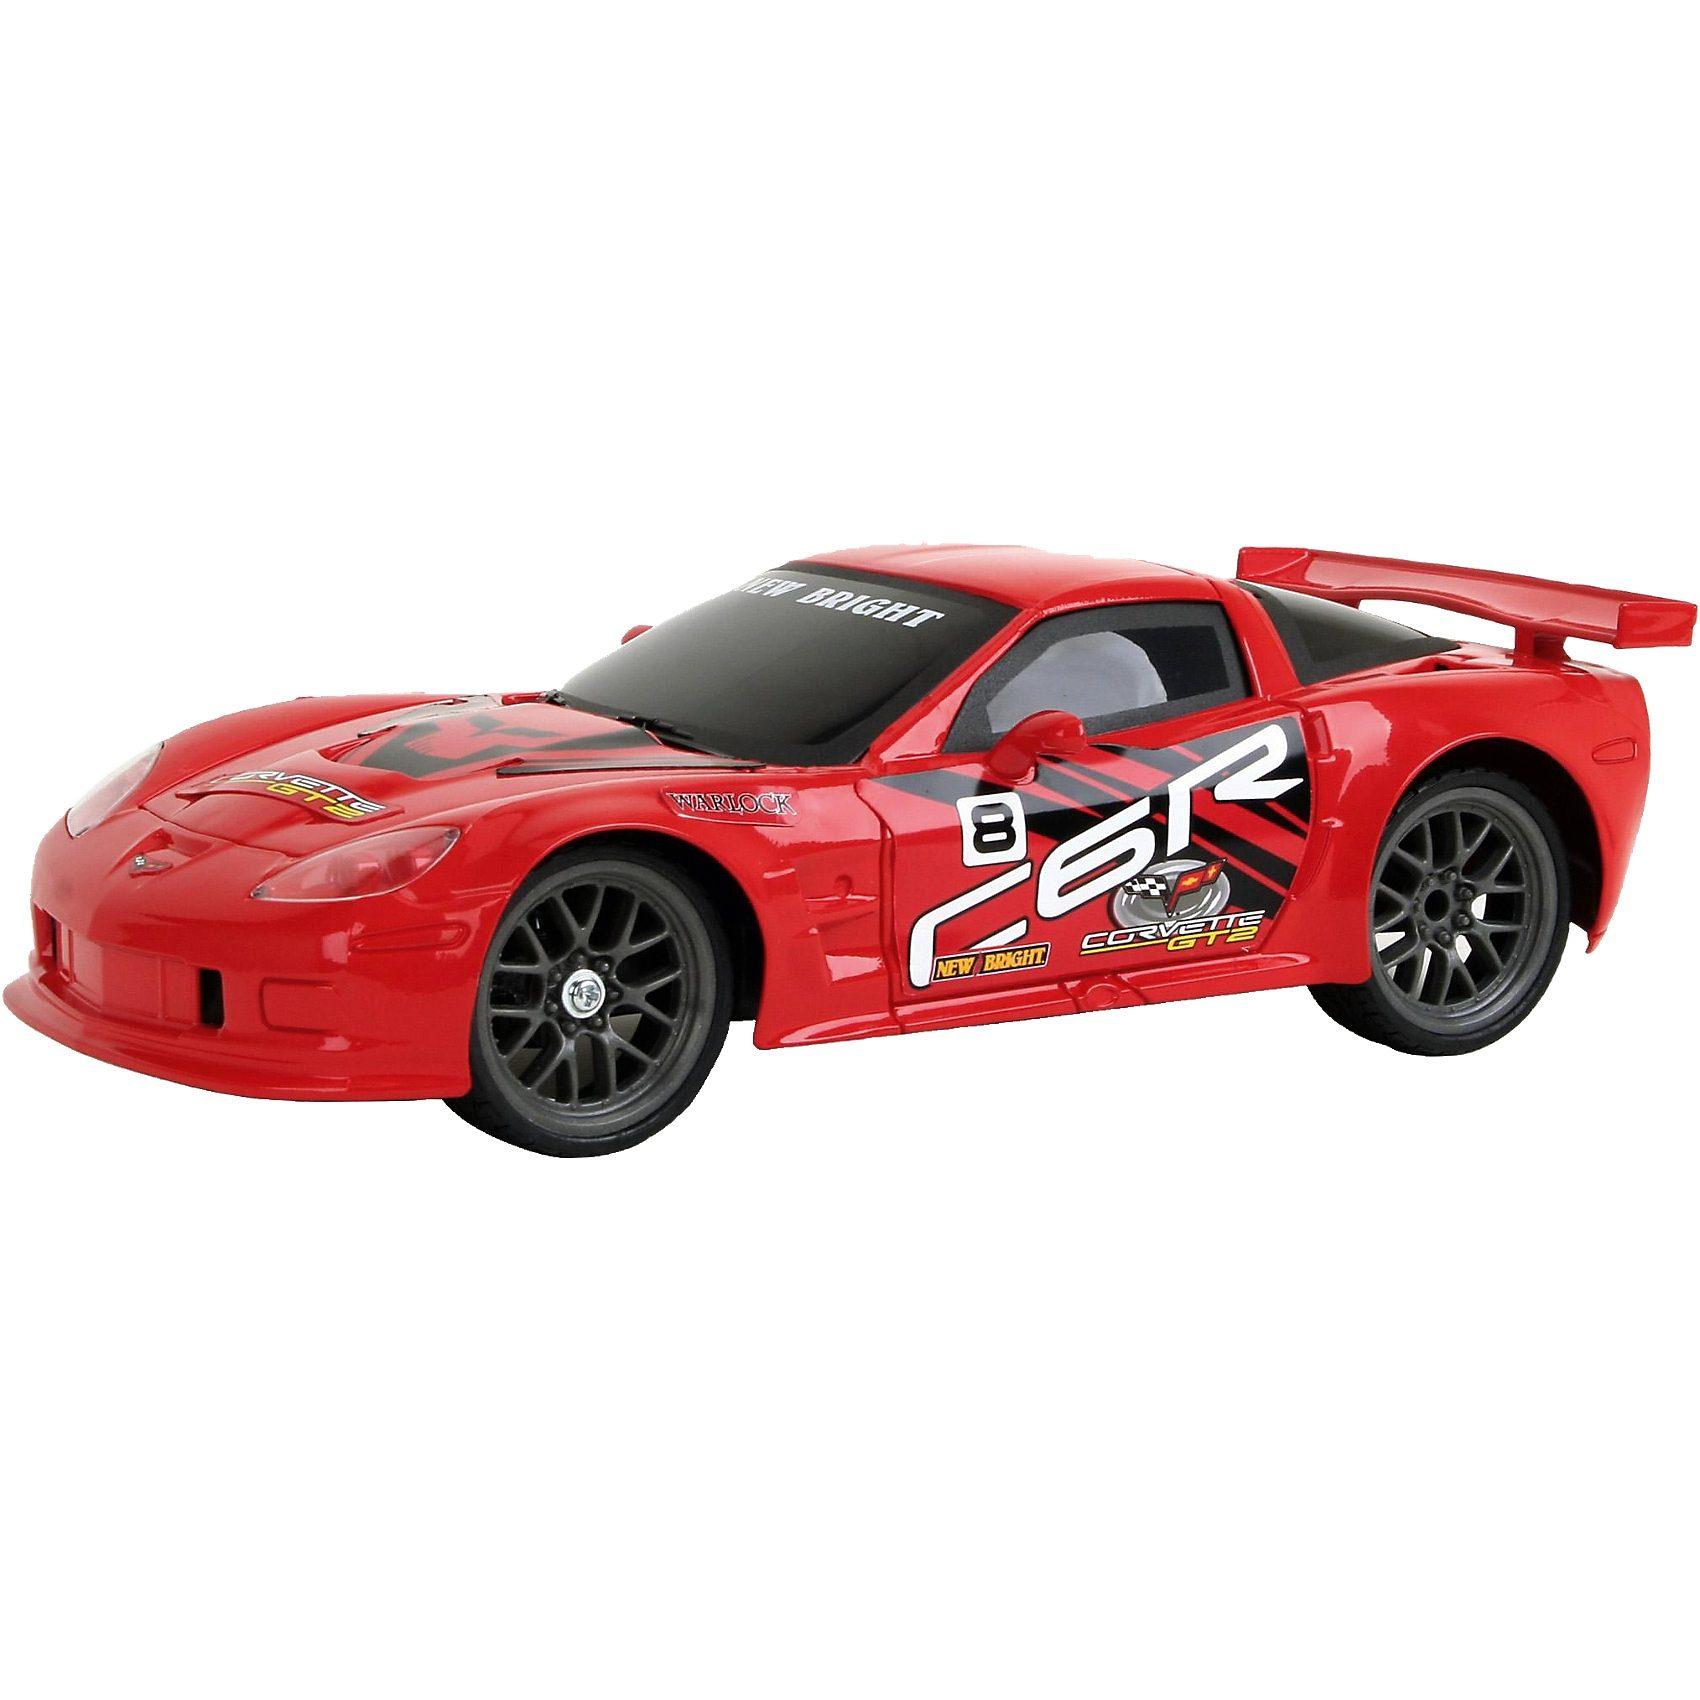 New Bright RC Corvette Blitz